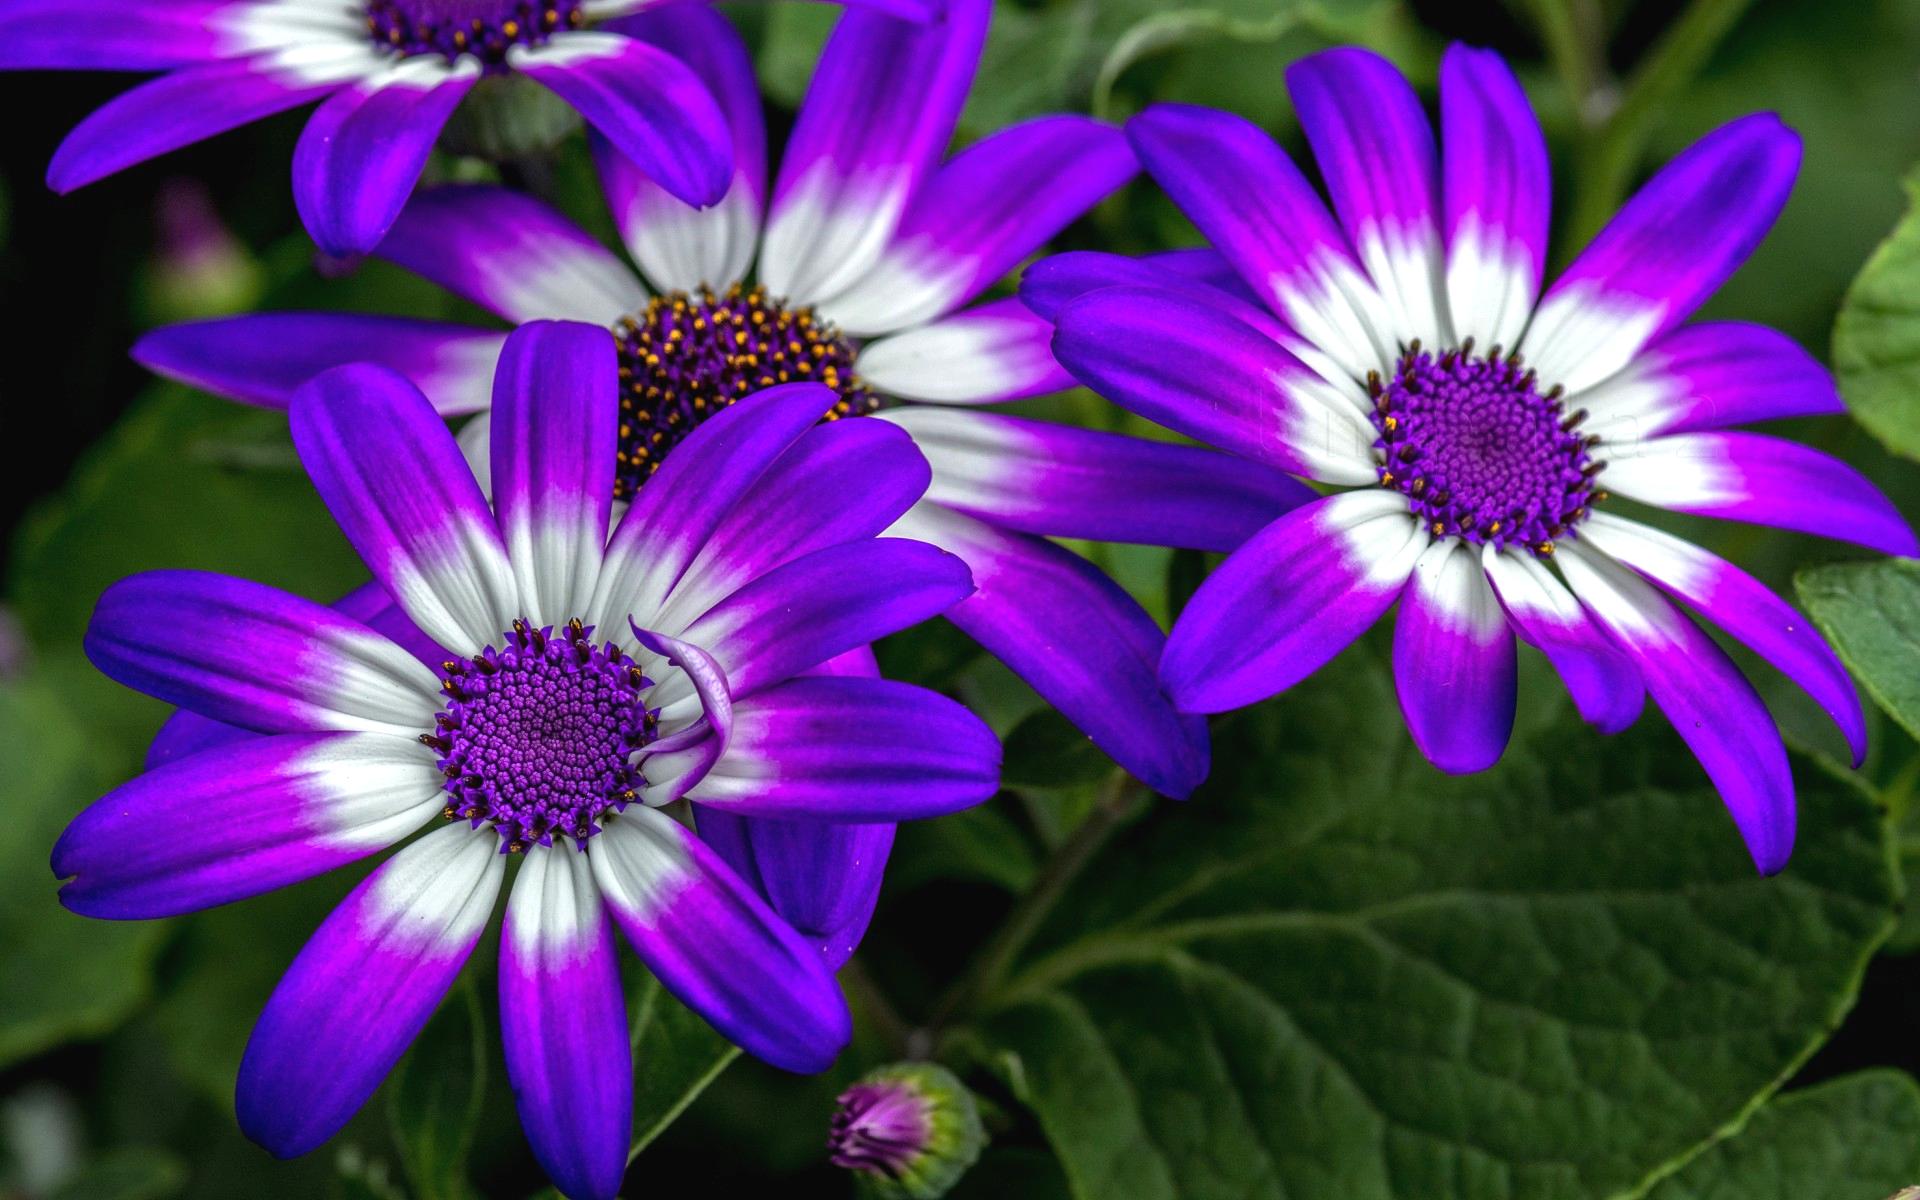 Остеоспермум любит солнечный свет. Обильное цветение полностью зависит от климатических условий выращивания